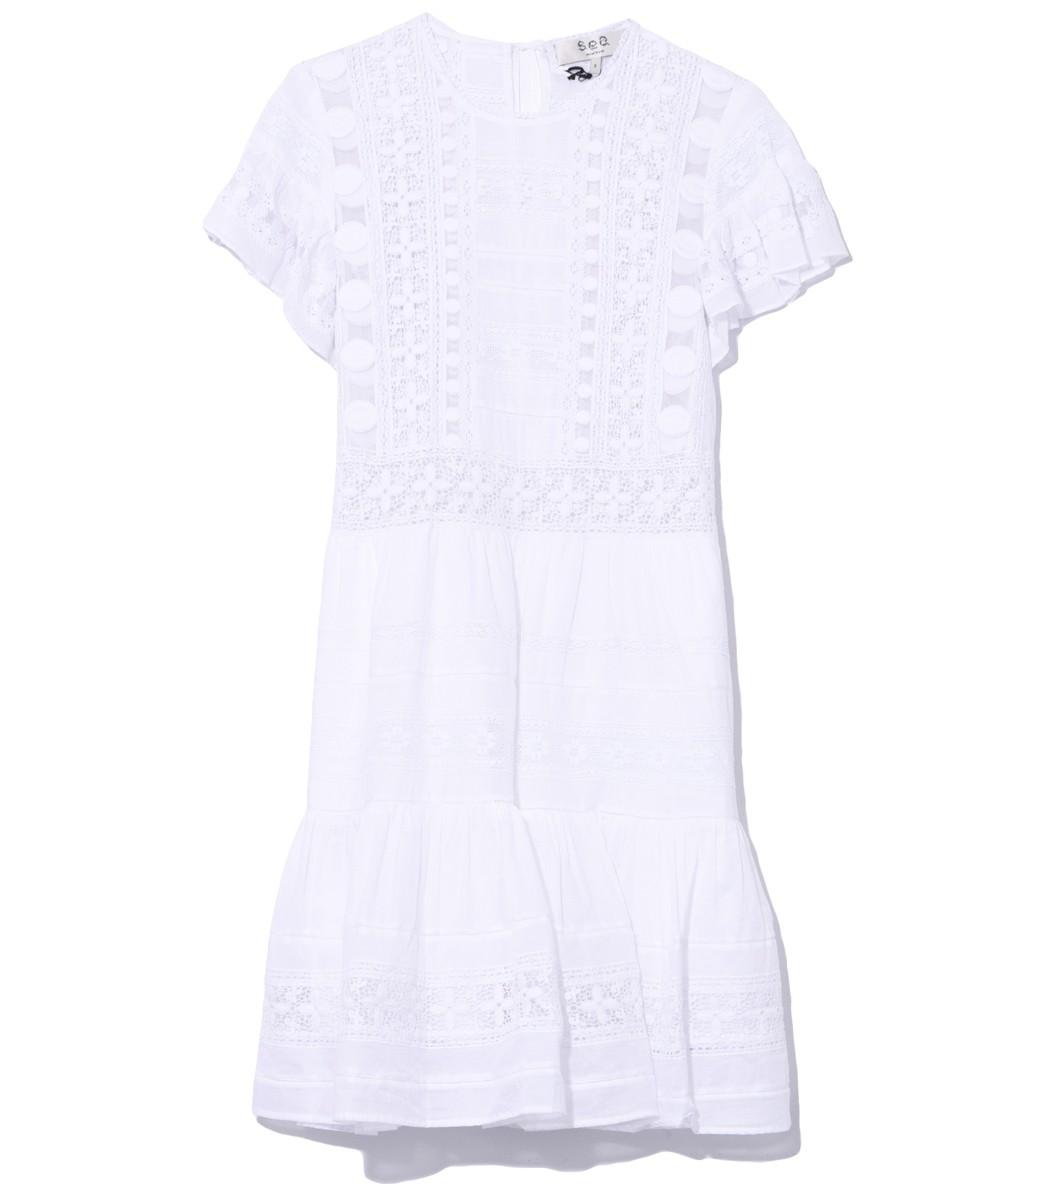 SEA White Cream Ila Tunic Dress